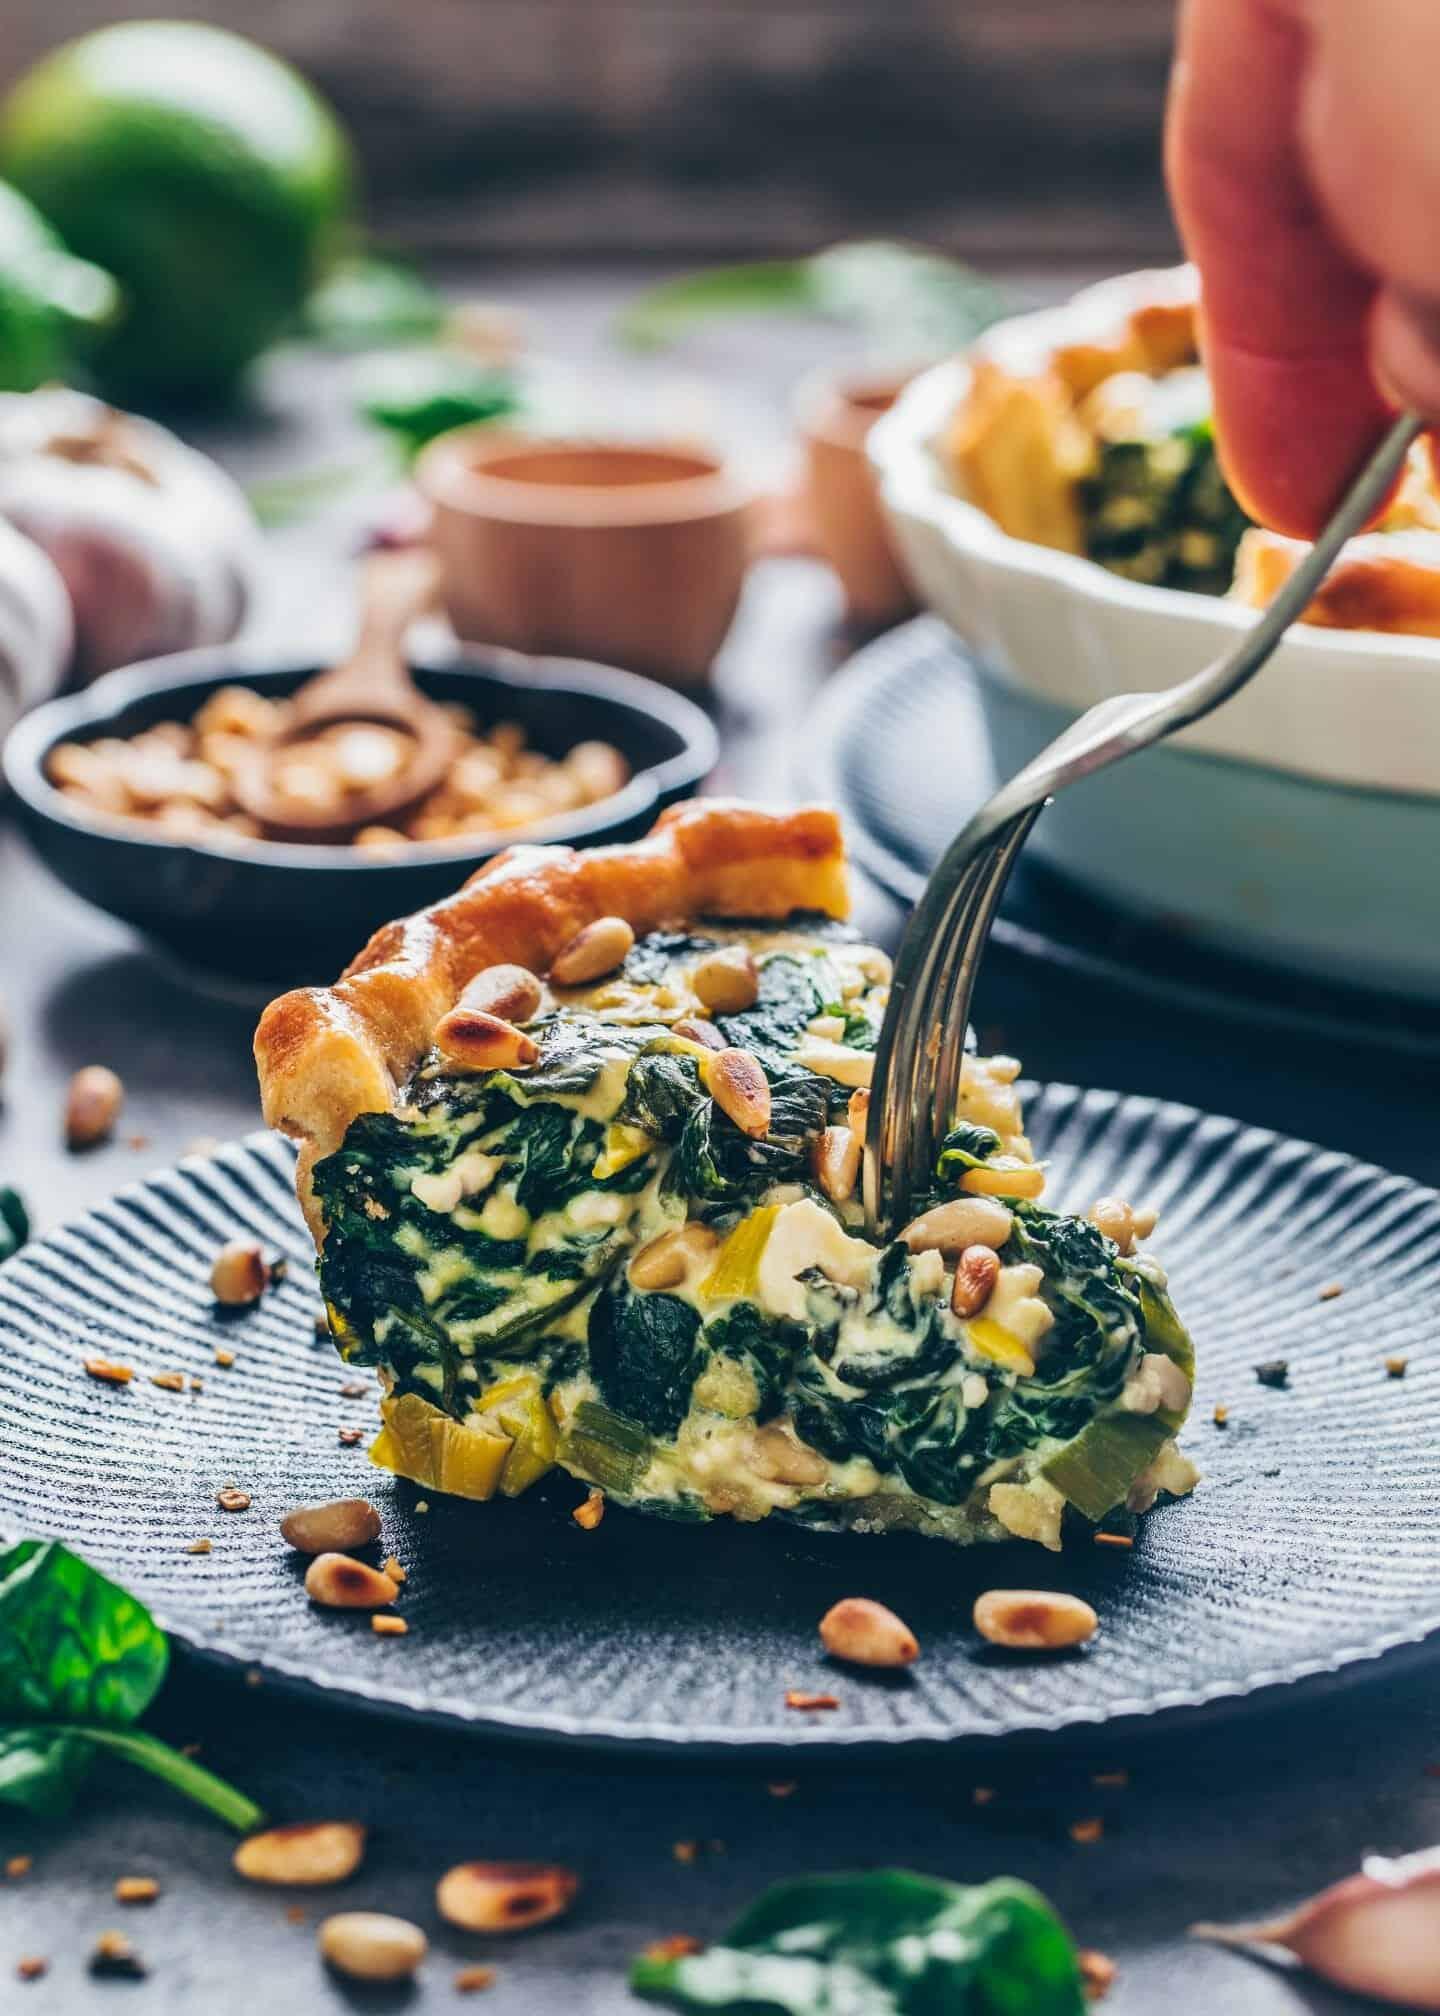 Vegane Spinat Quiche mit knusprigem Mürbeteig. Cremig, käsig und lecker. Schnelle Vegane Quiche Rezept ohne Eier mit Tofu . Nur 10 Minuten Zubereitungszeit. Herzhaftes Frühstück, zum Brunch, Mittagessen, Abendessen.